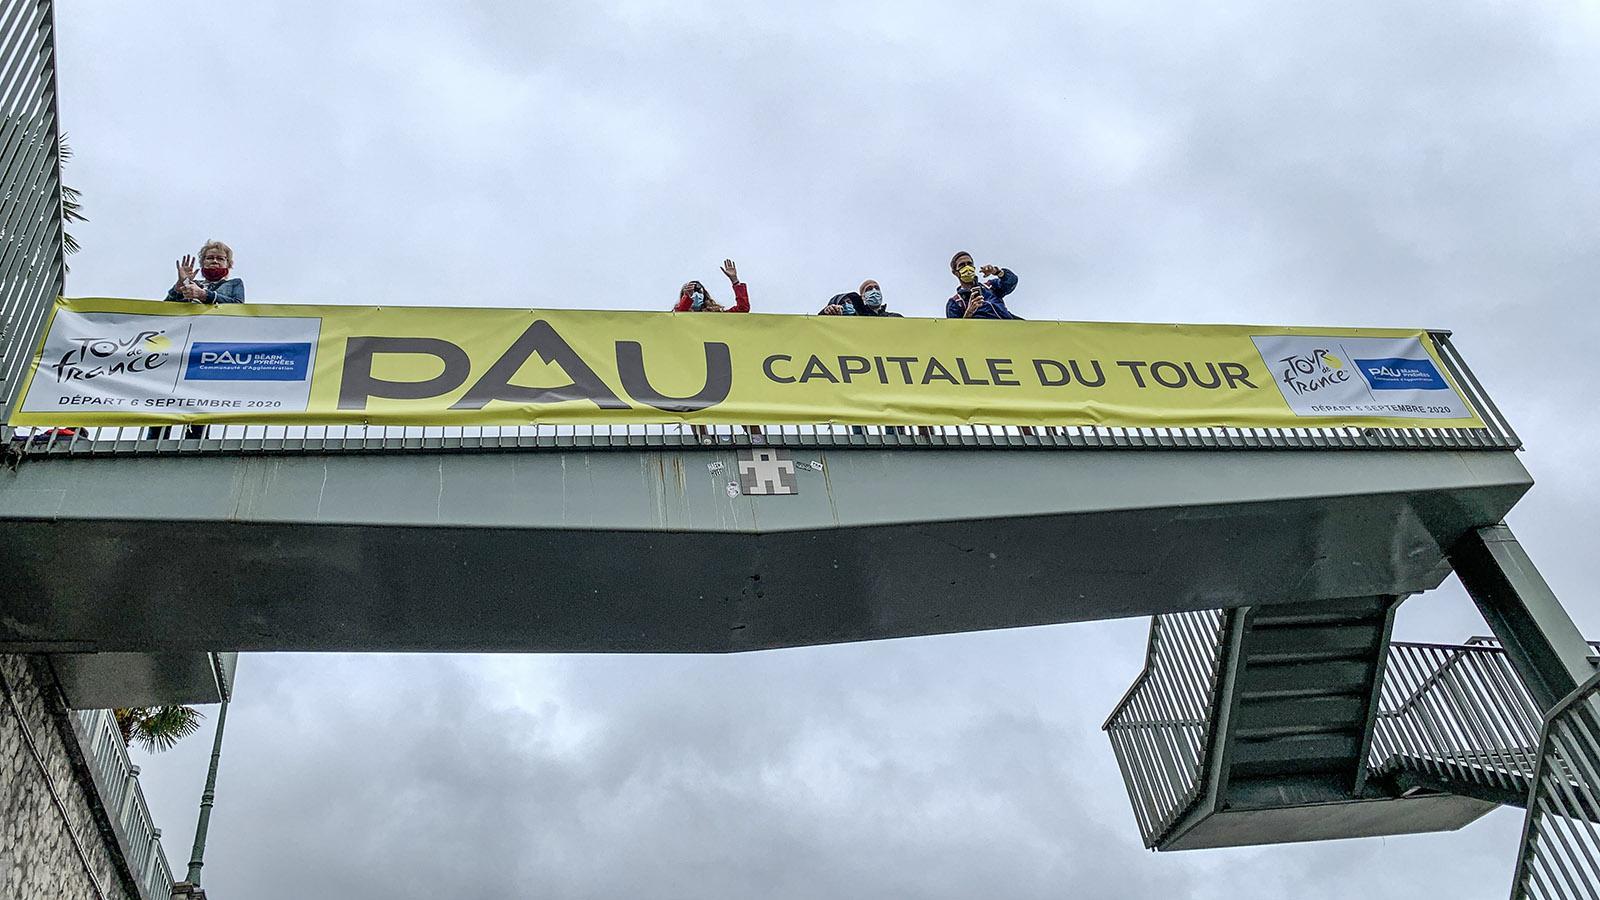 Pau, Hauptstadt der Tour de France: 72 Mal war die Hauptstadt des Béarn bereits Etappenort des Radrennens. Foto: Hilke Maunder